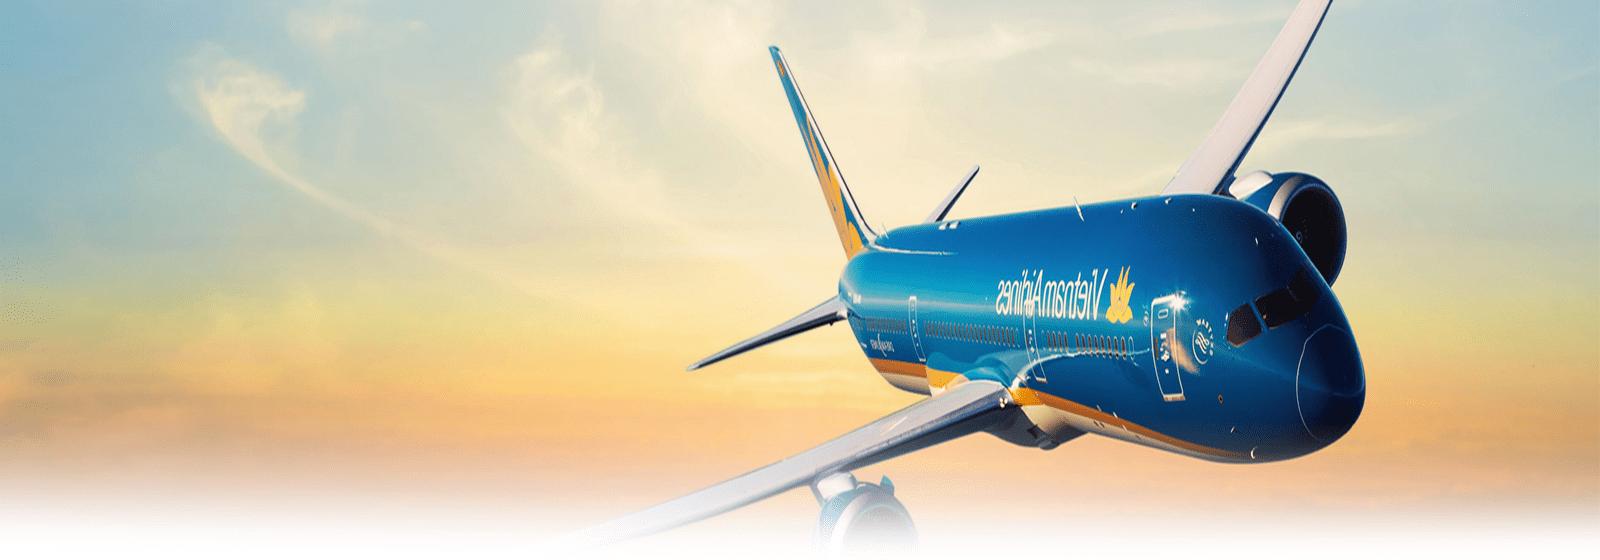 Máy bay xanh đang bay